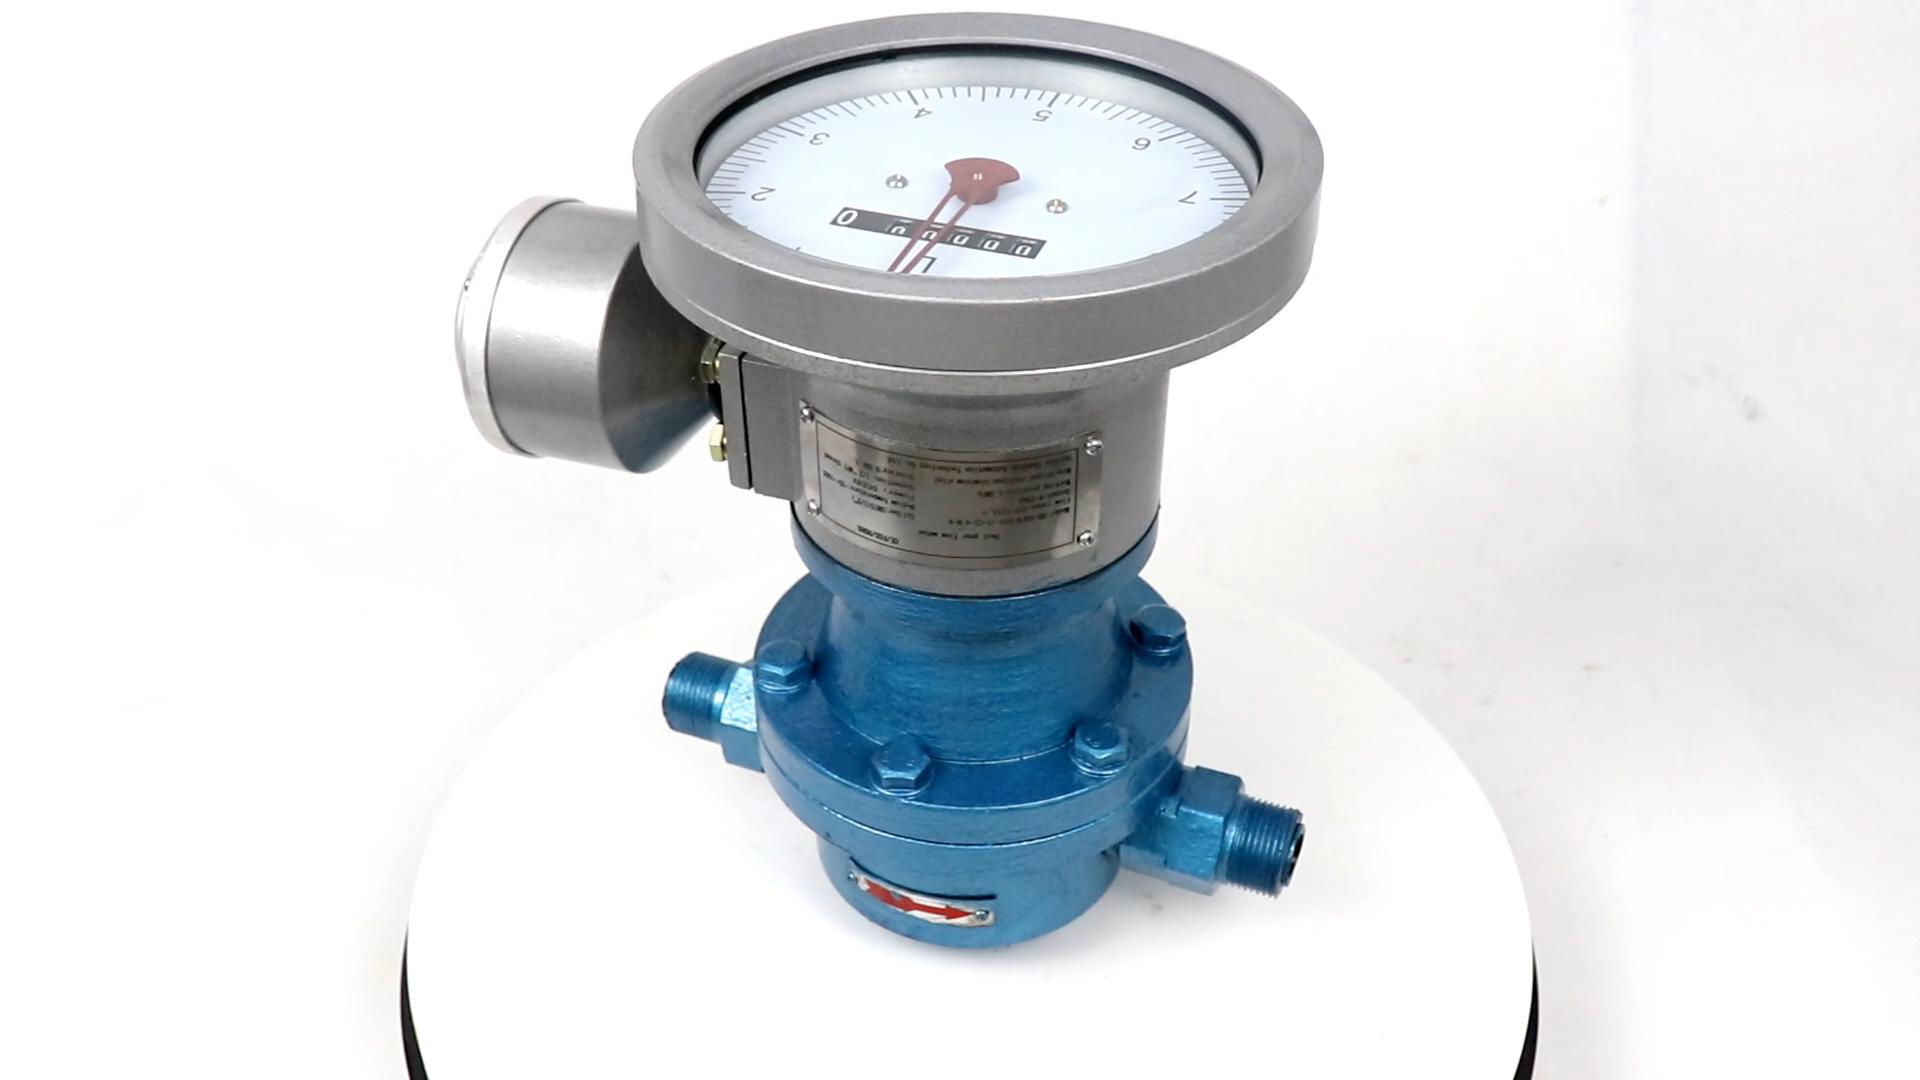 उच्च तापमान सकारात्मक विस्थापन बंकर तेल प्रवाह मीटर